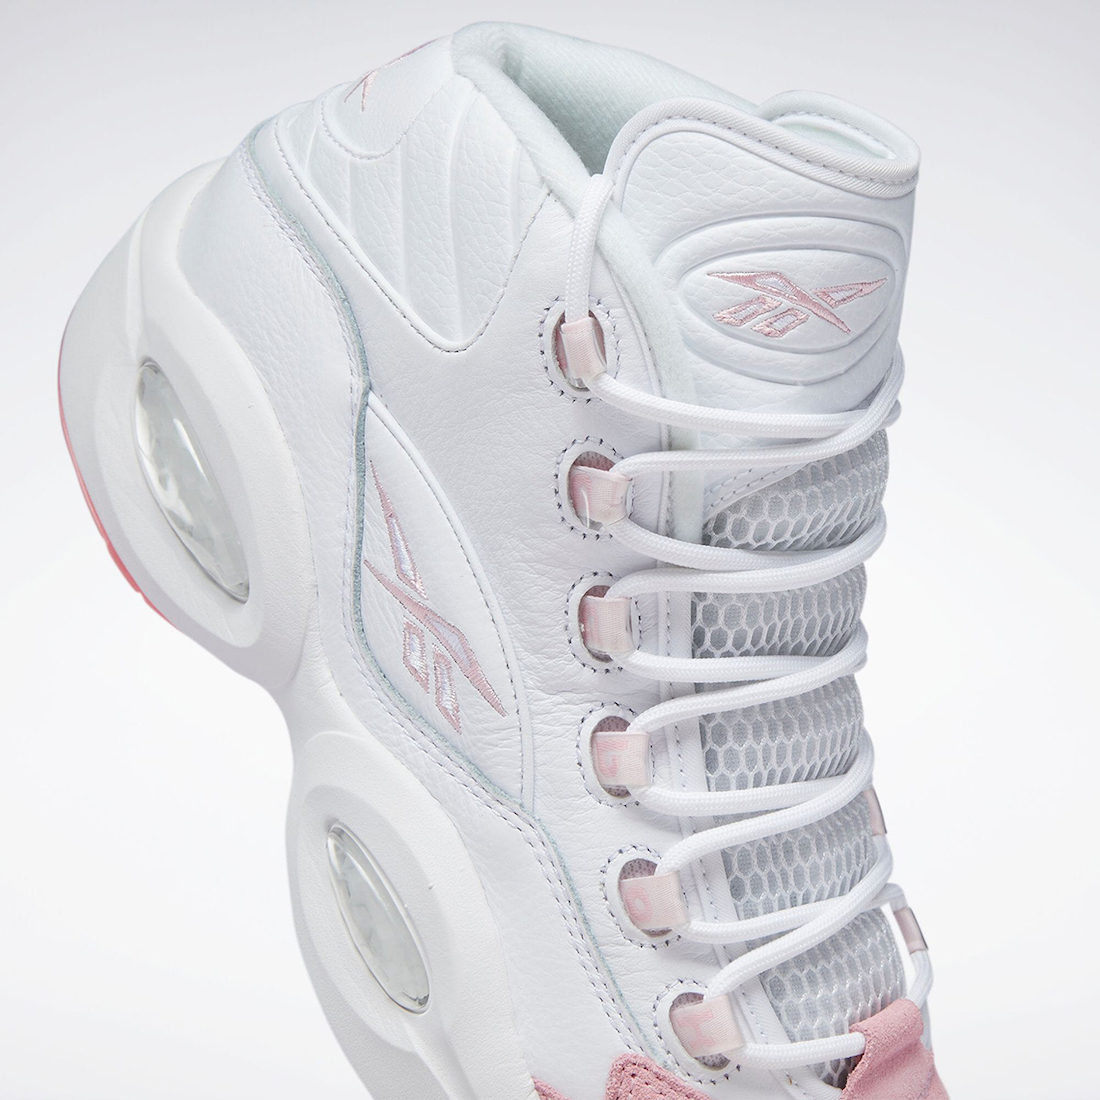 Reebok Question Mid Pink Toe G55120 Release Date Info